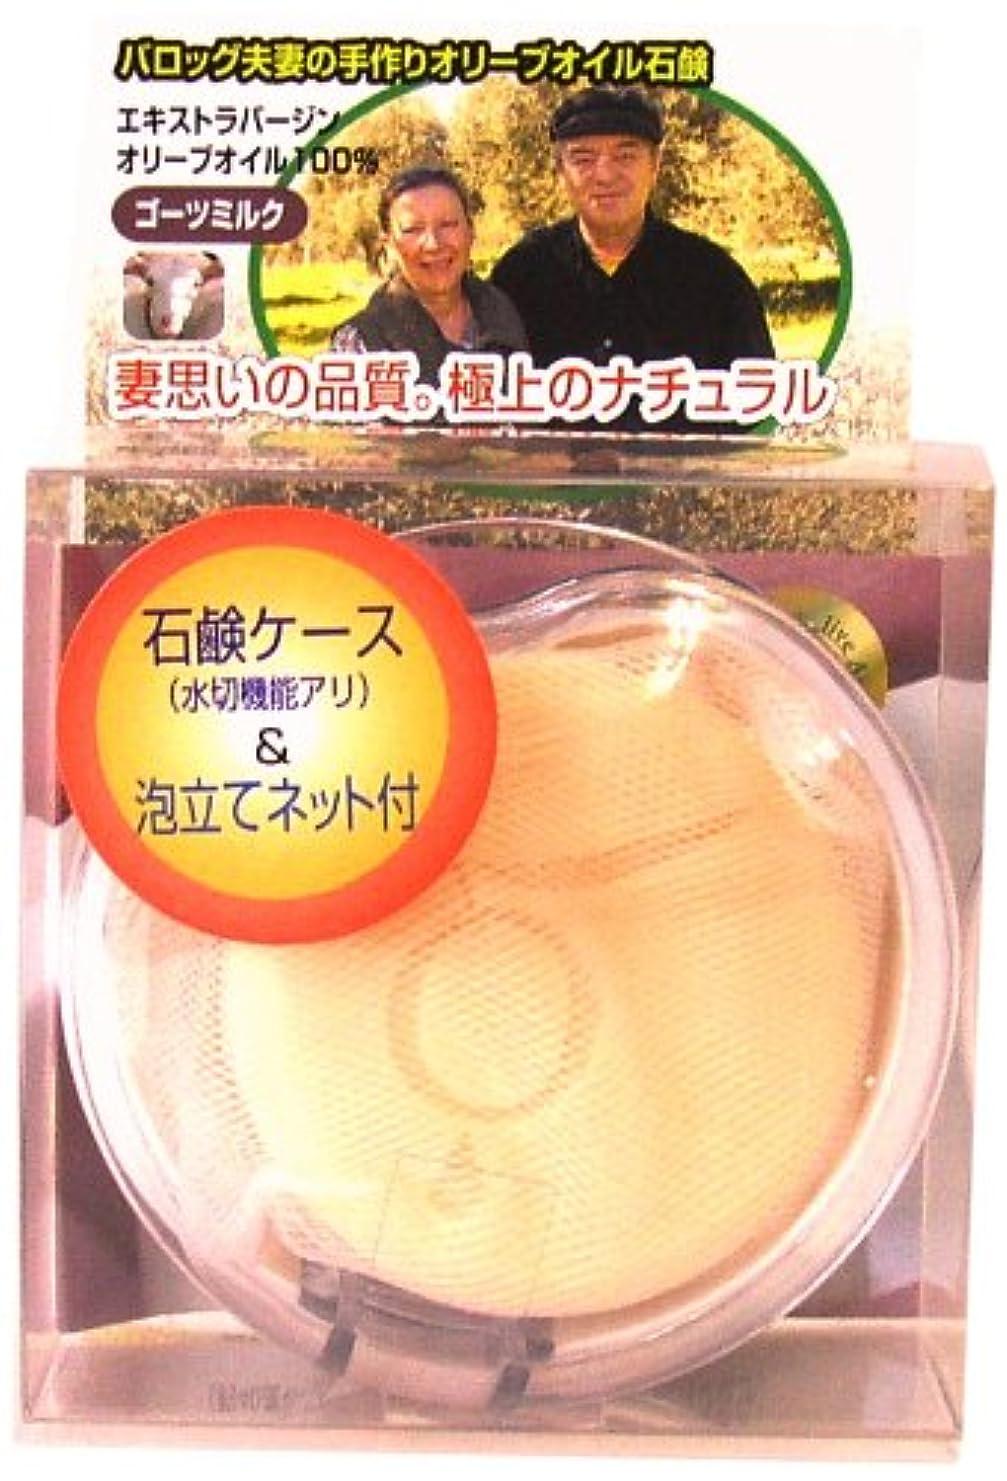 ハードウェア意気揚々投資するバロッグ夫婦の手作りオリーブオイル石鹸 ミニ石鹸ケース付(ゴーツミルク) 20g